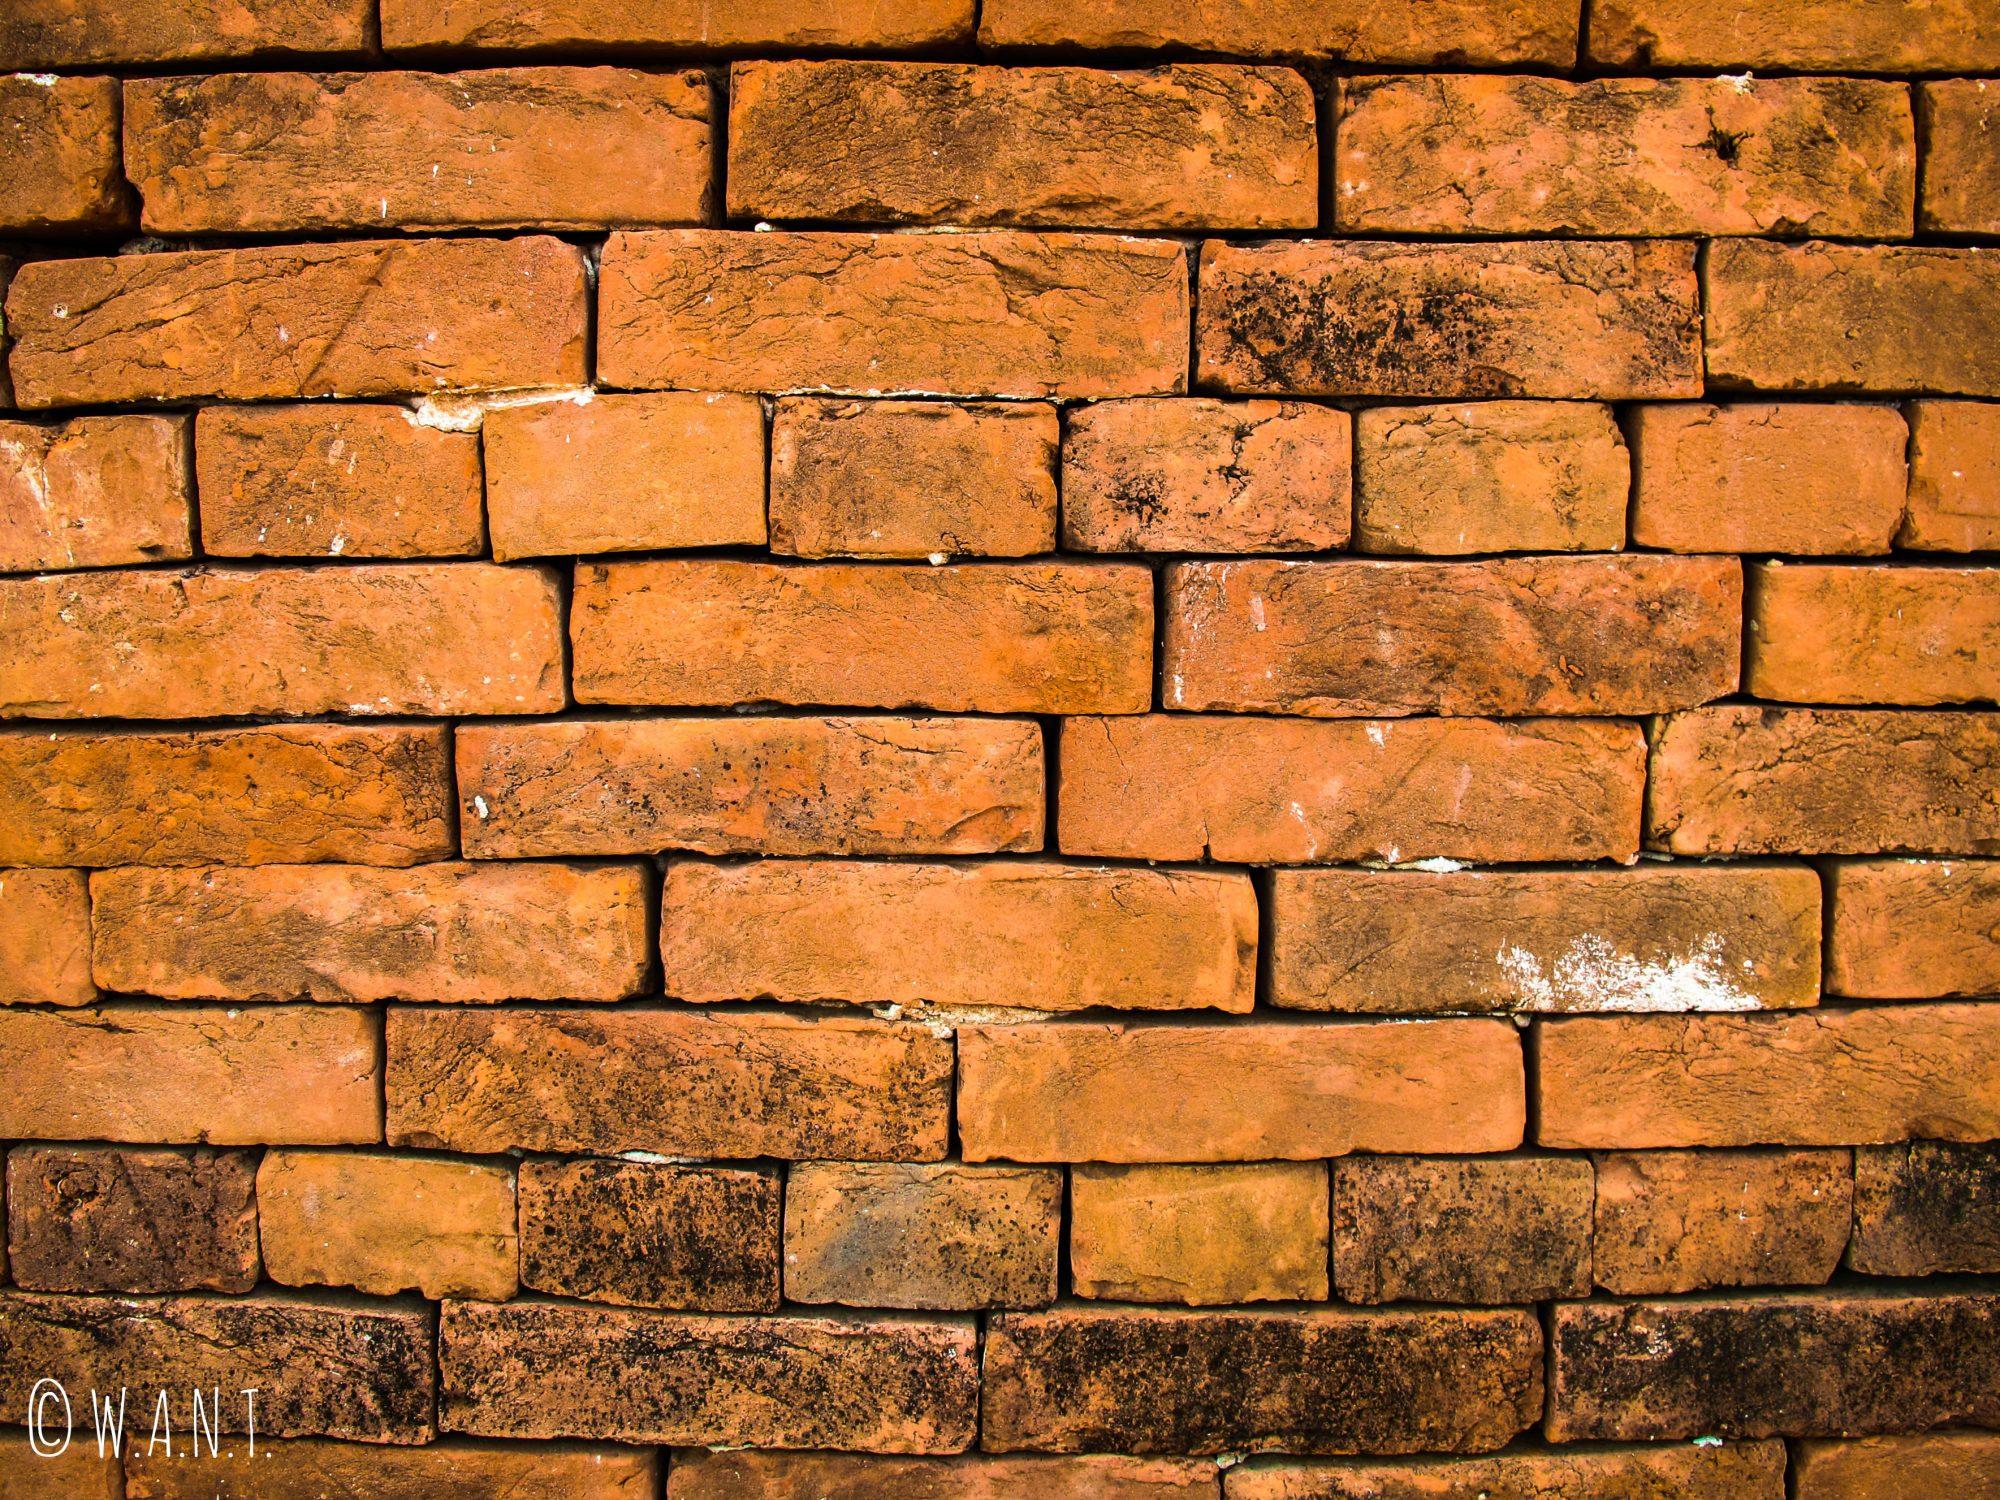 Briques rouges de la pagode Daw Gyan